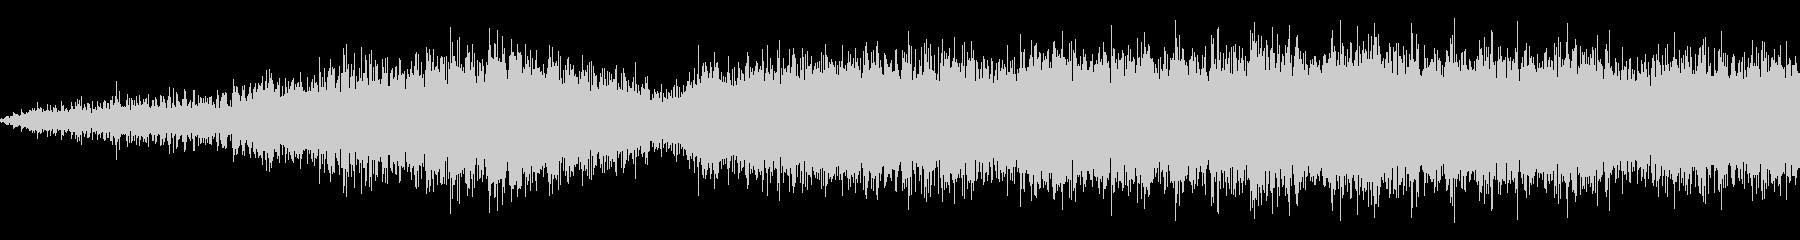 パペットマスタードリルループの未再生の波形